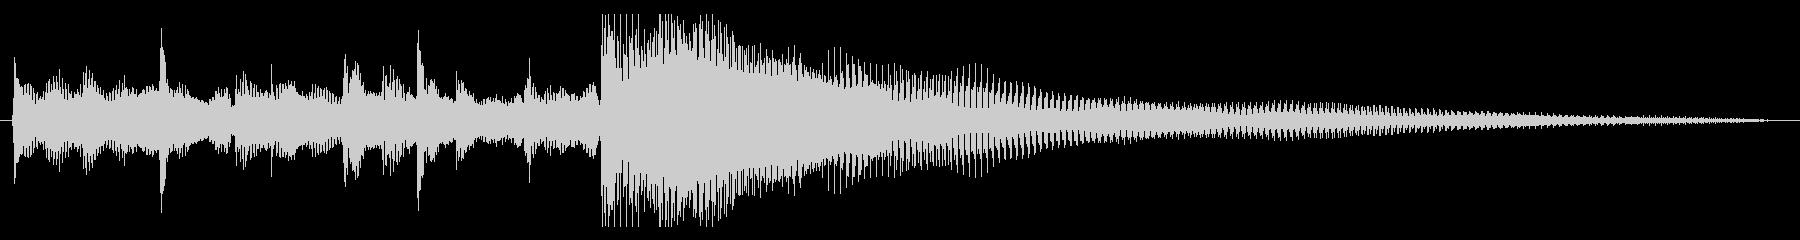 アメリカーナ研究所田舎風の「ハート...の未再生の波形